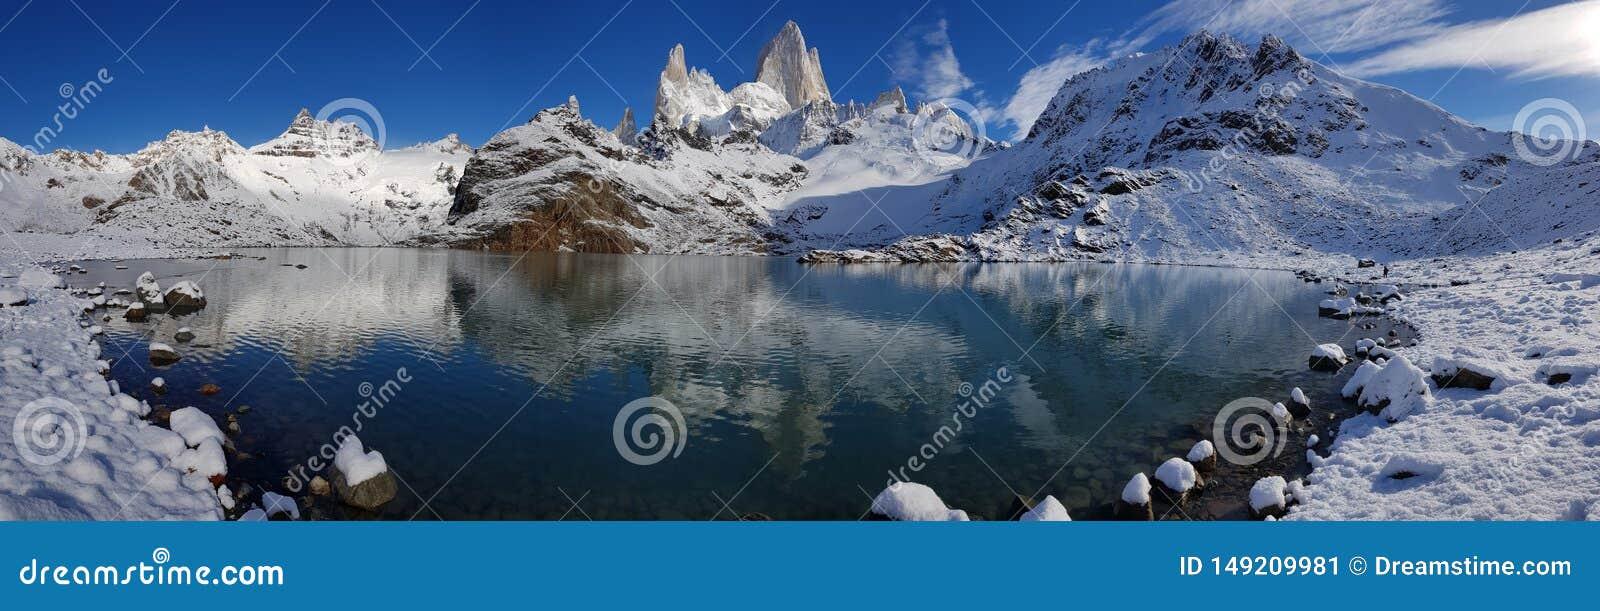 在El Chalten附近的菲茨罗伊峰山,在巴塔哥尼亚南部,在阿根廷和智利之间的边界的 r